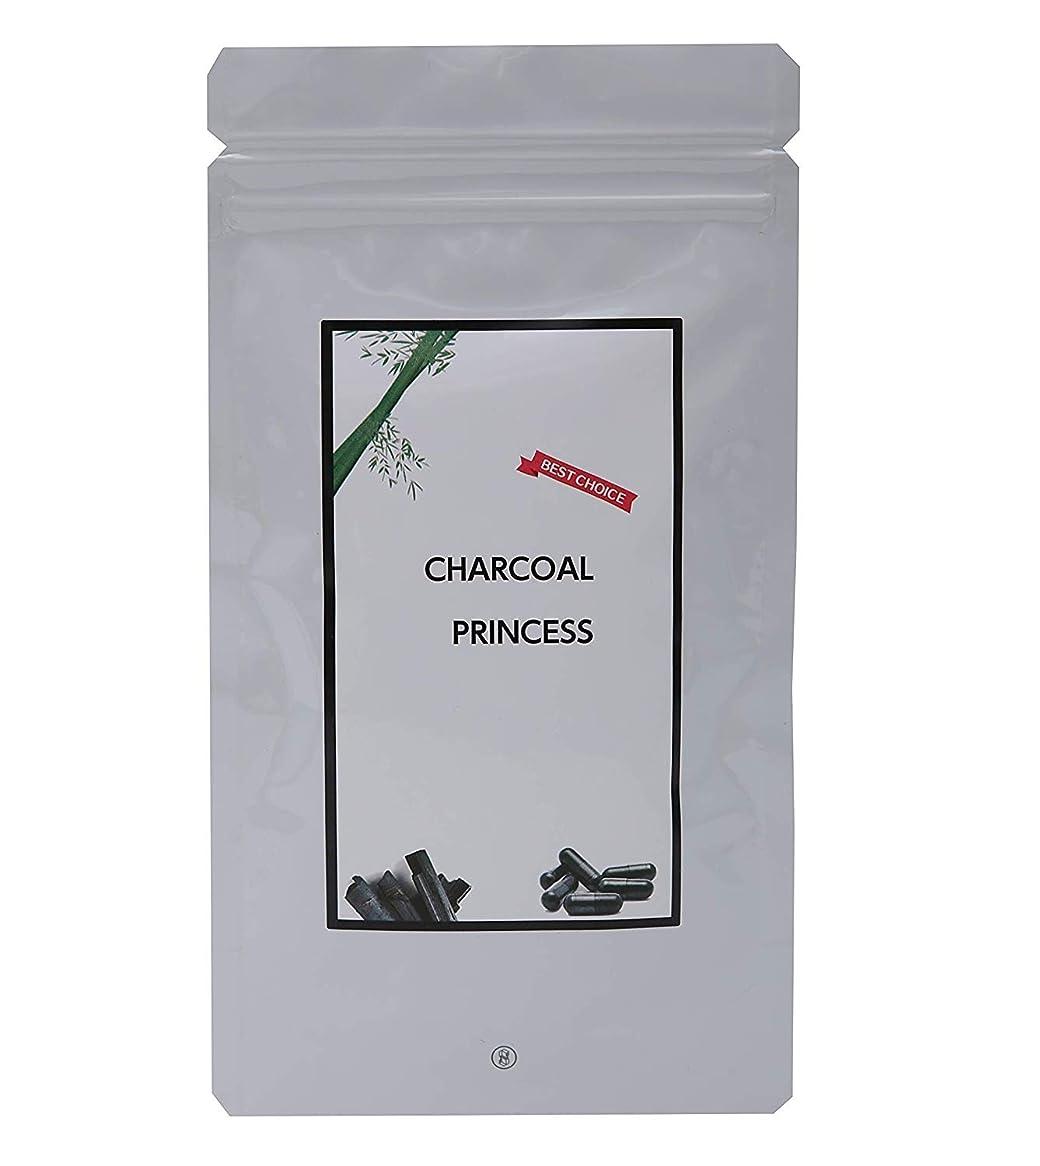 スツールアーサー化石チャコールクレンズ CHARCOAL PRINCESS【150粒入】50日分 竹炭粉カプセル